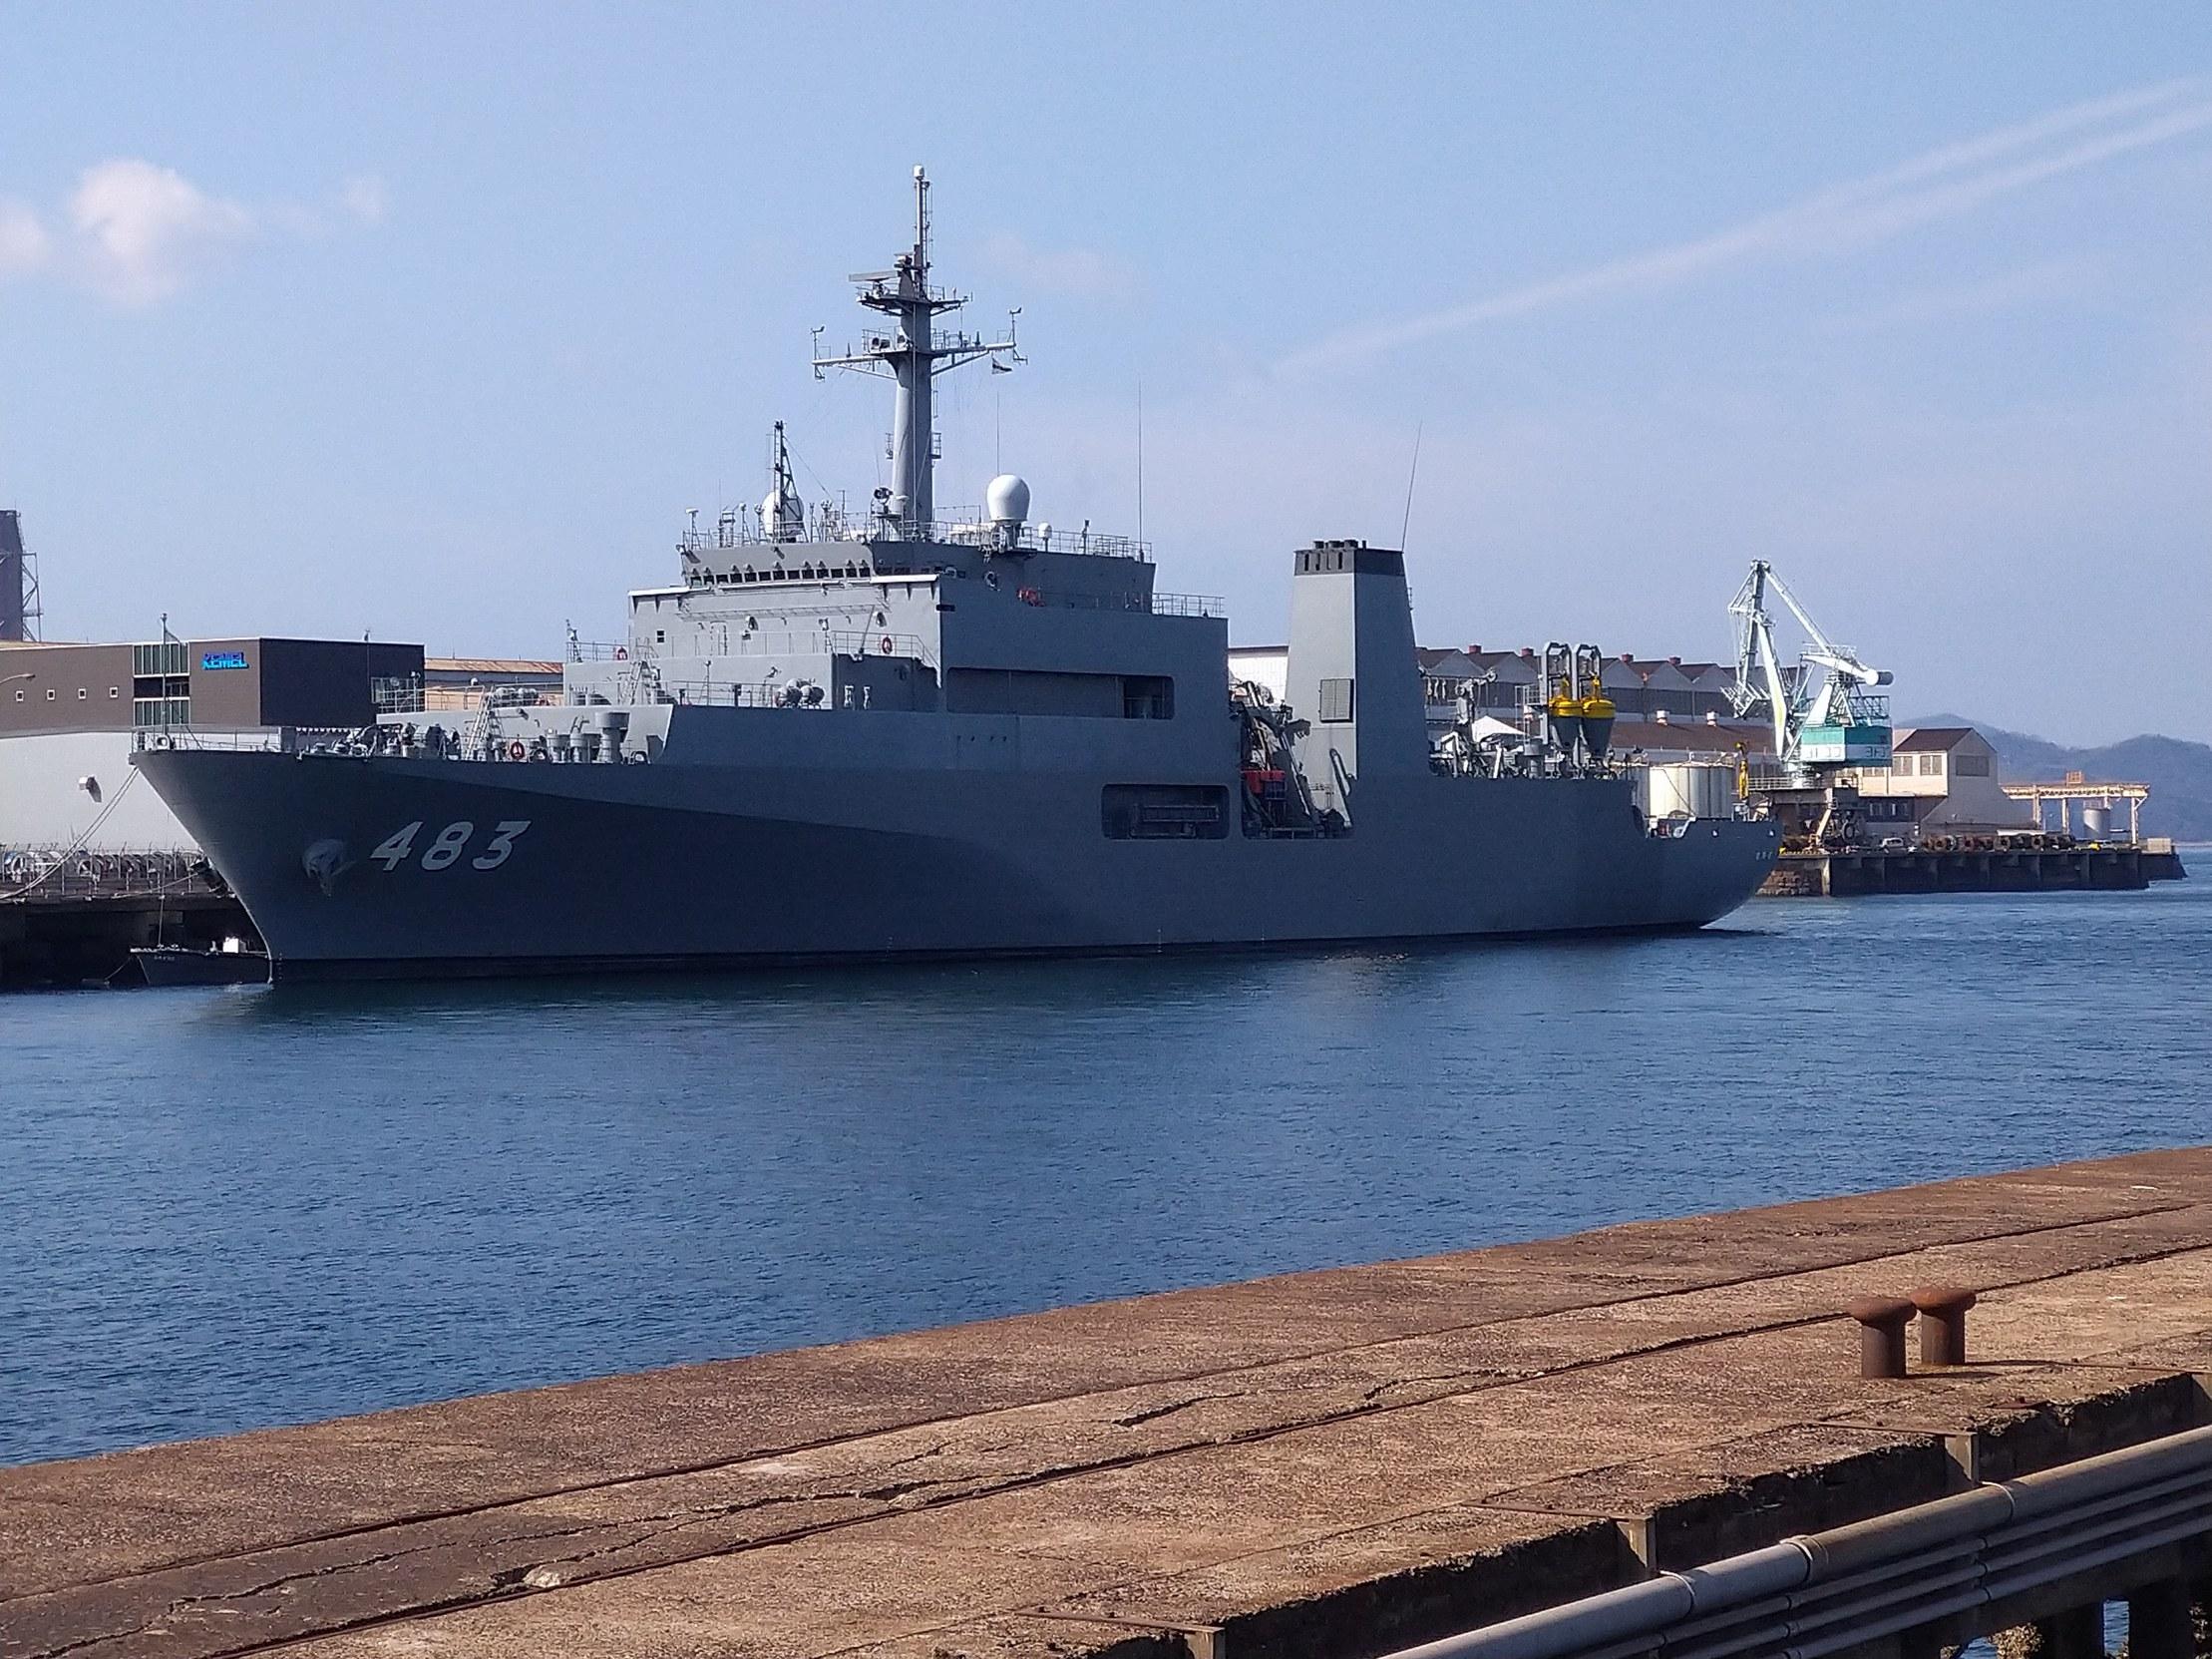 海上自衛隊のイメージ画像|東広島市カーリースならフラット7東広島